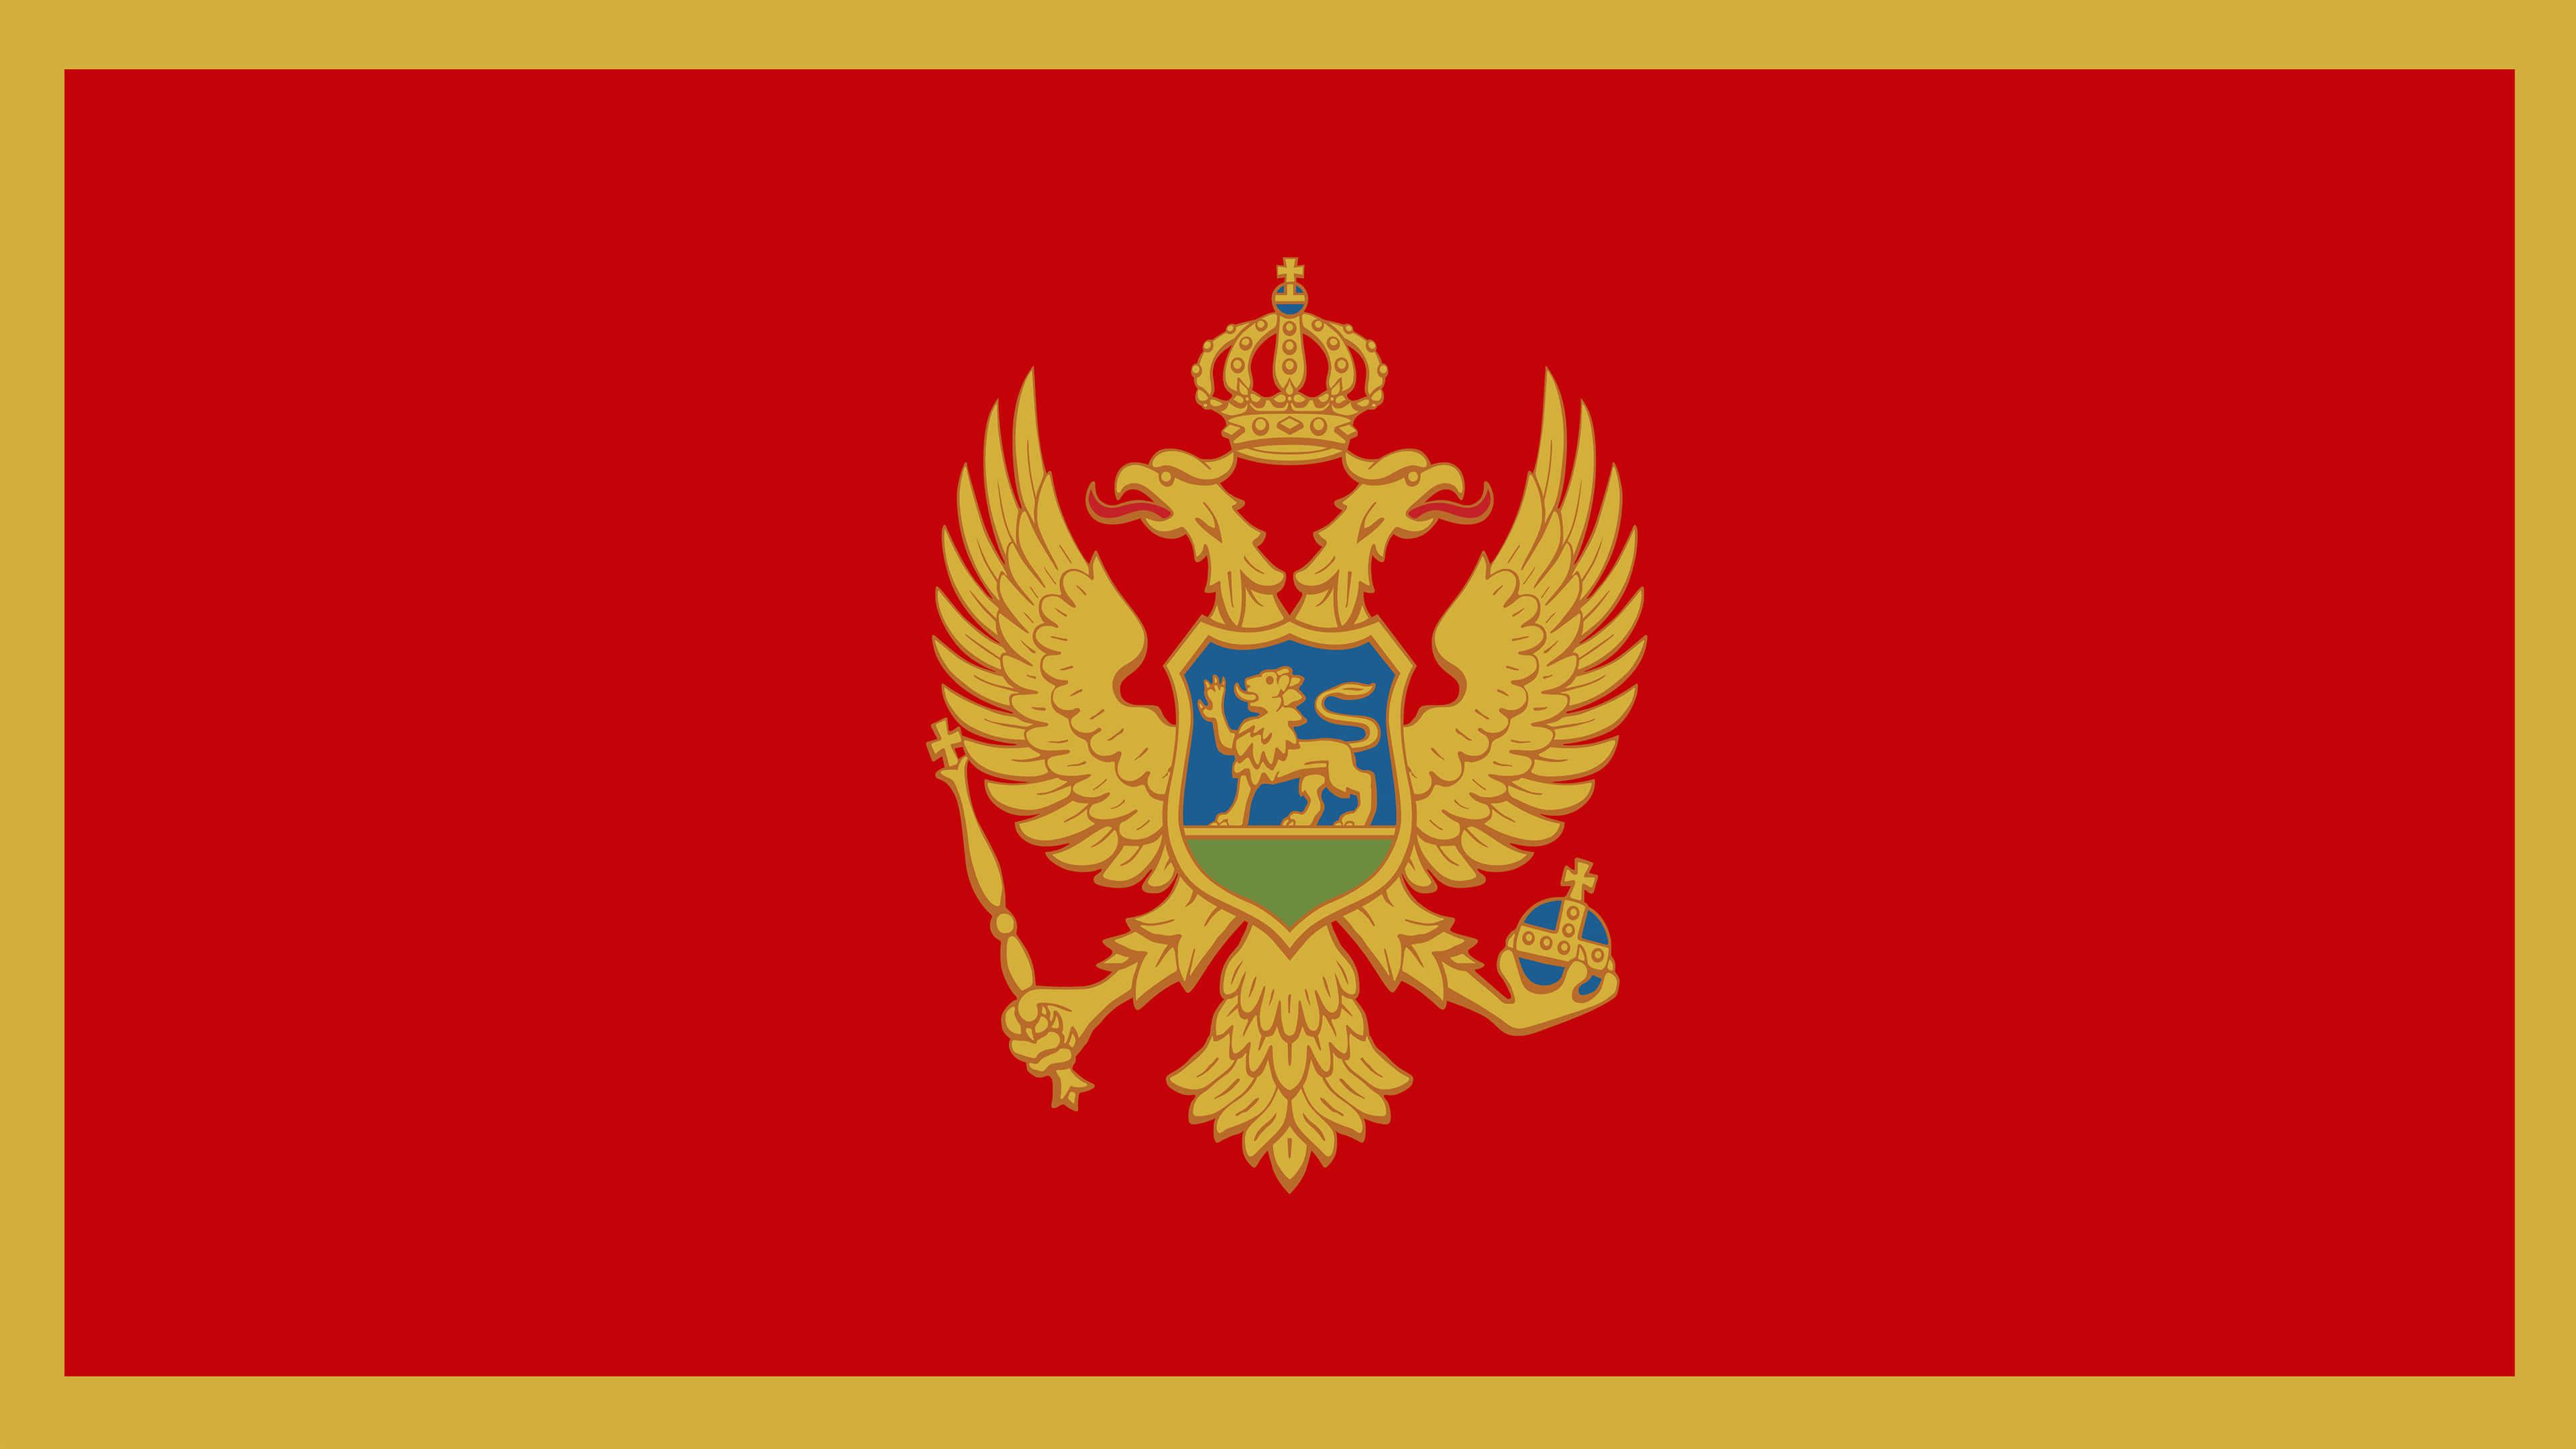 montenegro flag uhd 4k wallpaper